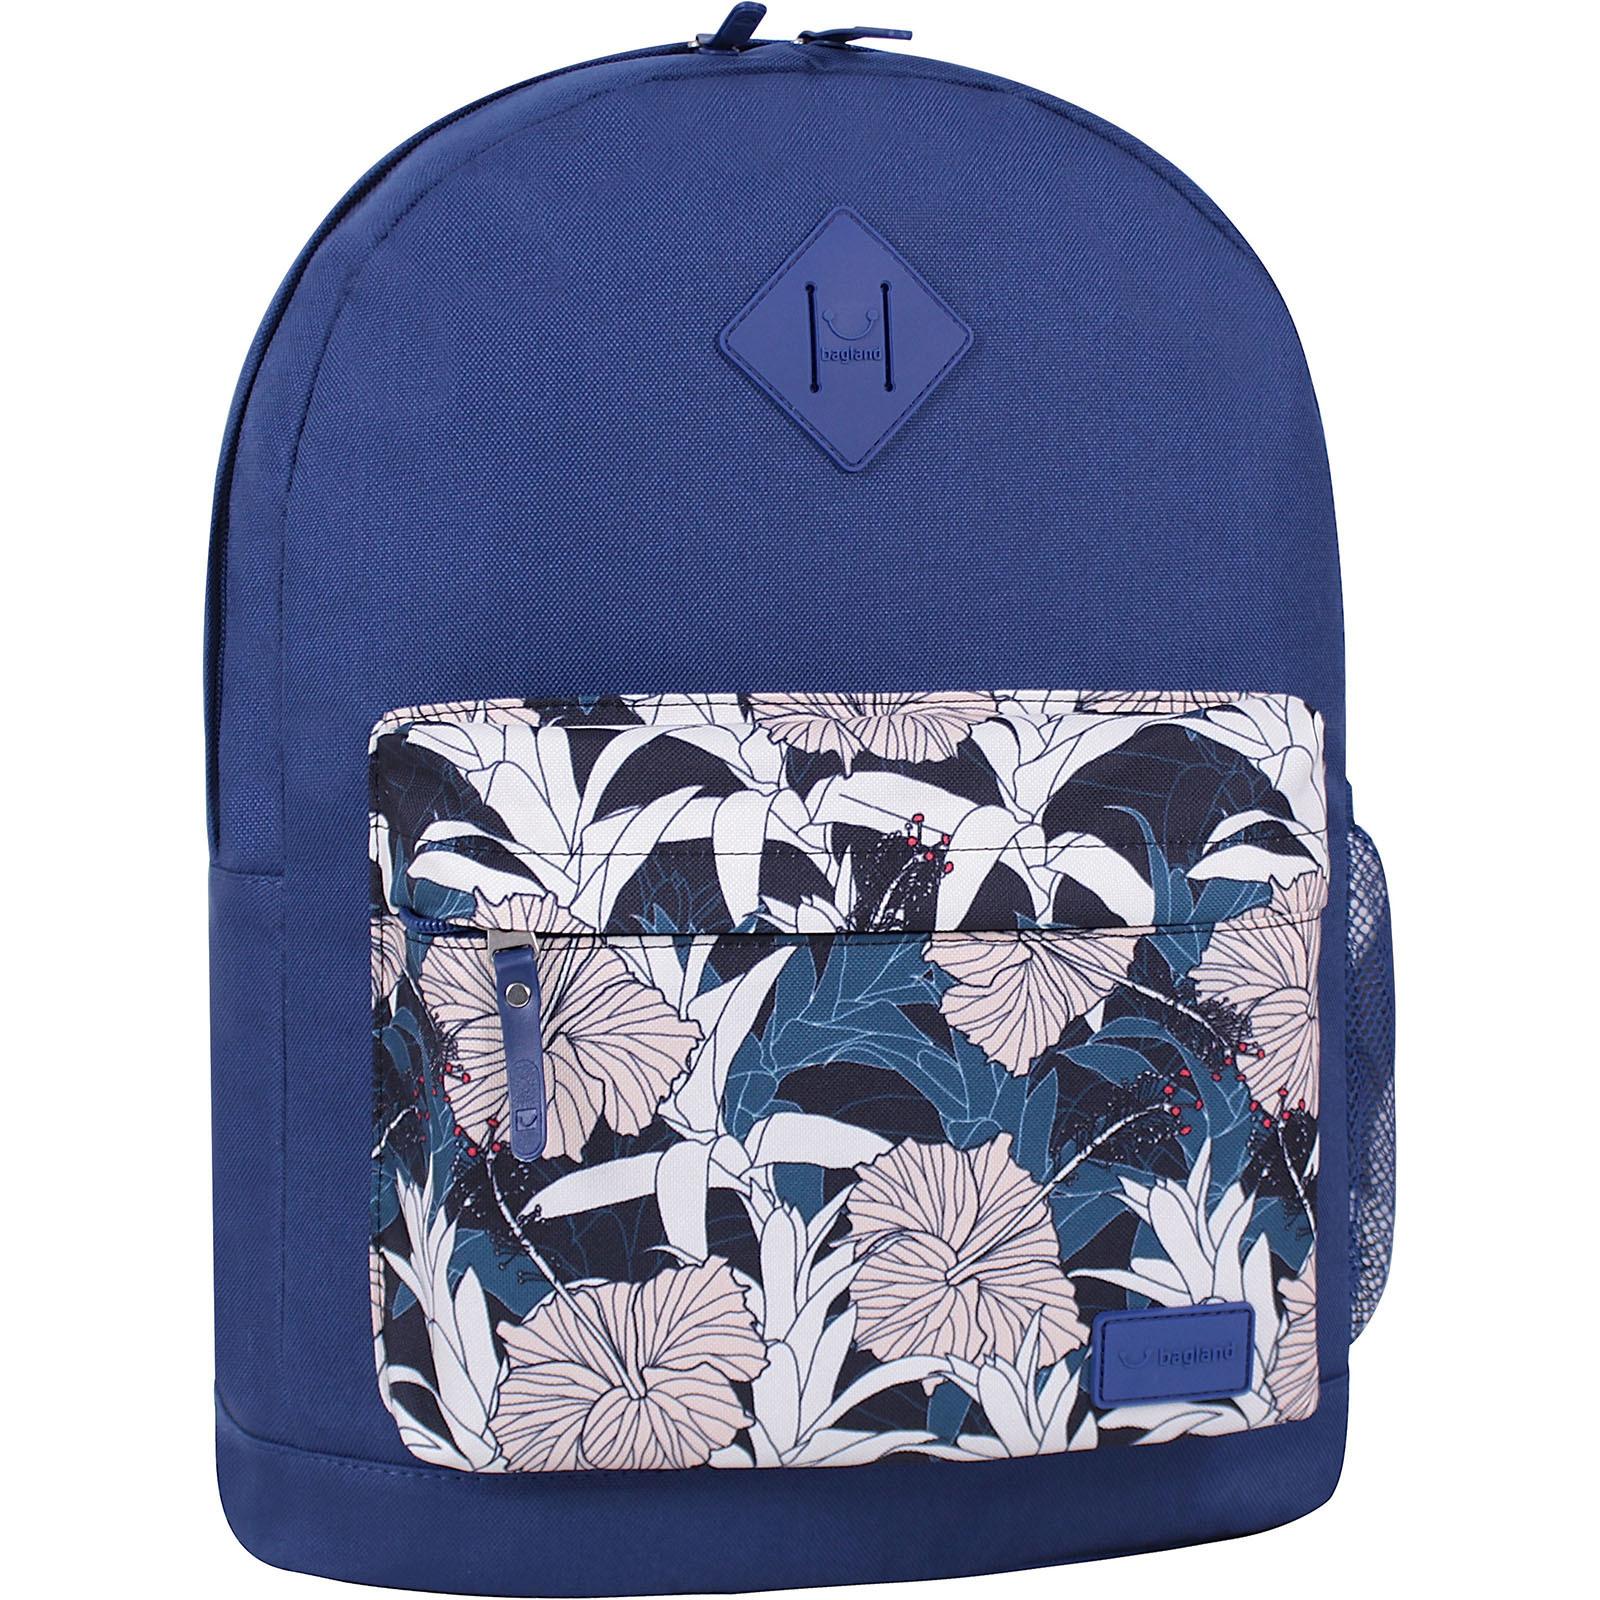 Молодежные рюкзаки Рюкзак Bagland Молодежный W/R 17 л. Синий 766 (00533662) IMG_6321_суб.766_.JPG